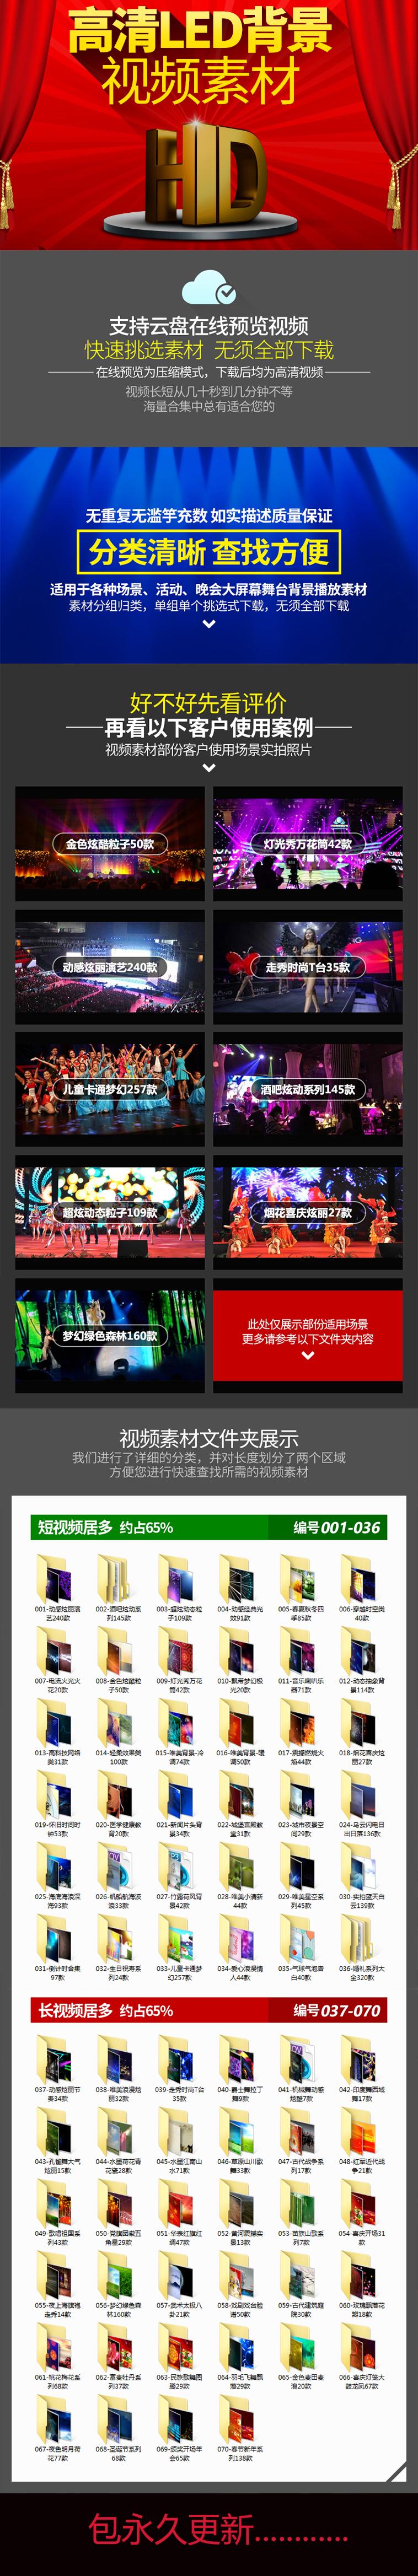 led大屏幕背景高清视频素材片头婚礼动感炫酷舞台晚会演出舞蹈